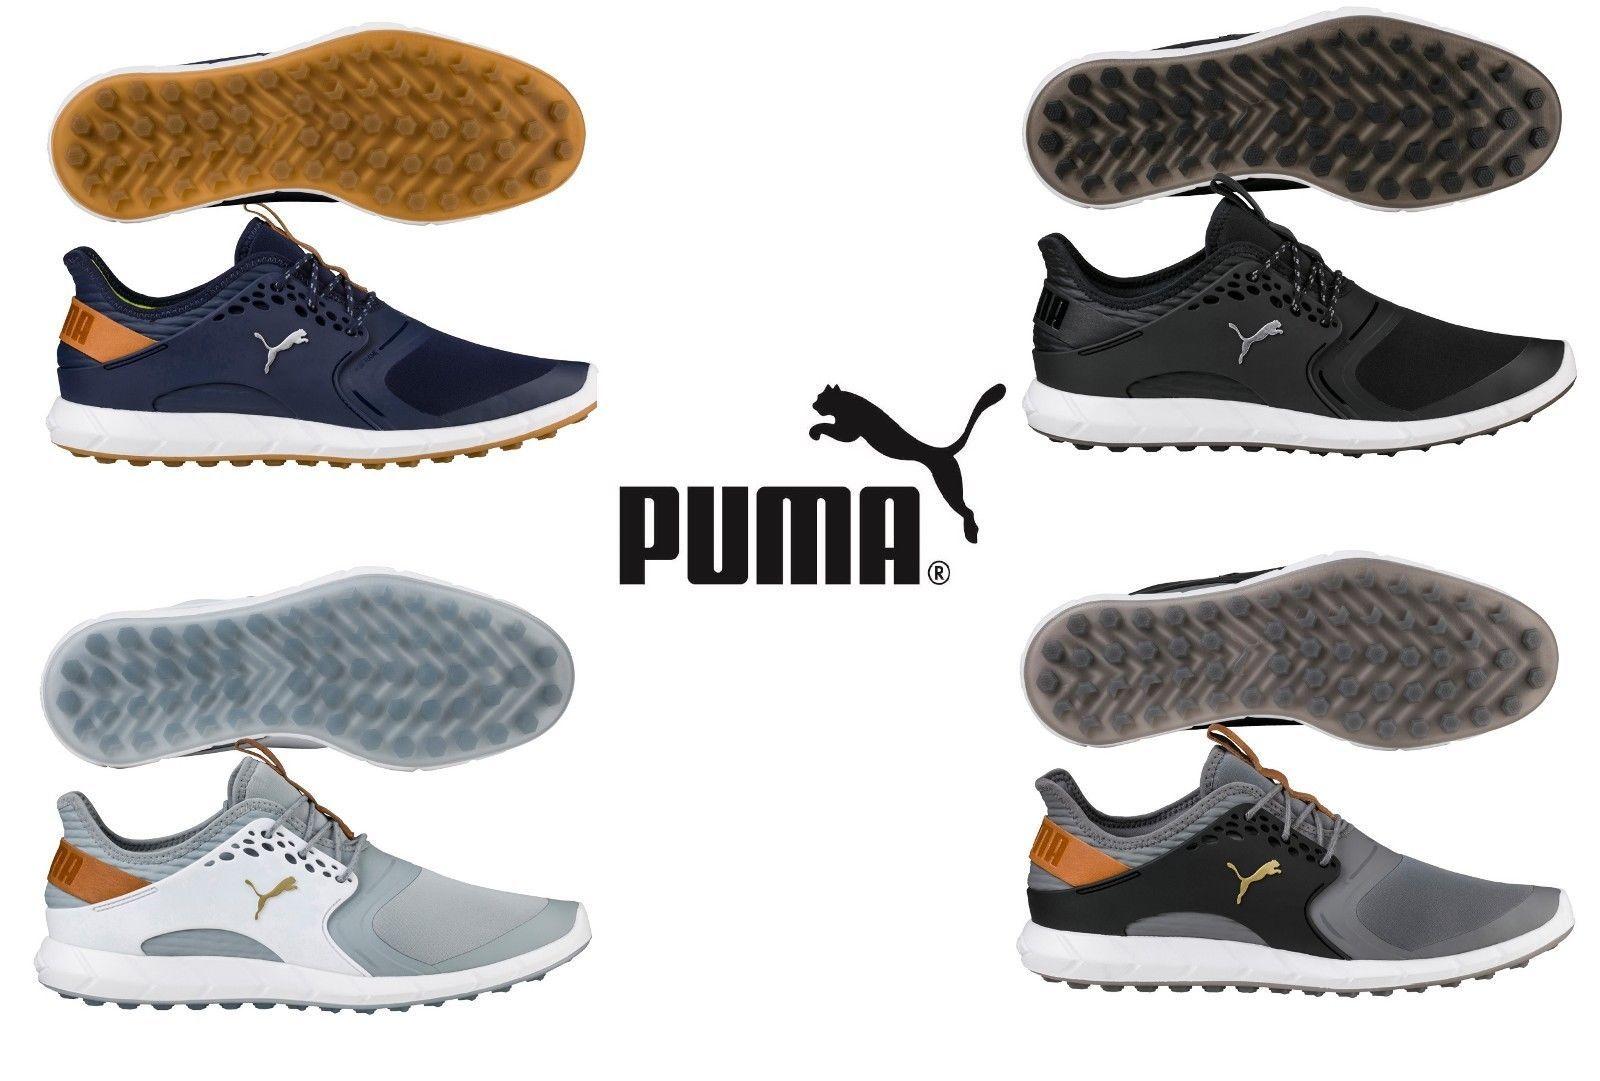 147c3 D3c9b Store Ignite Sneaker Puma Drizzle nmN80w